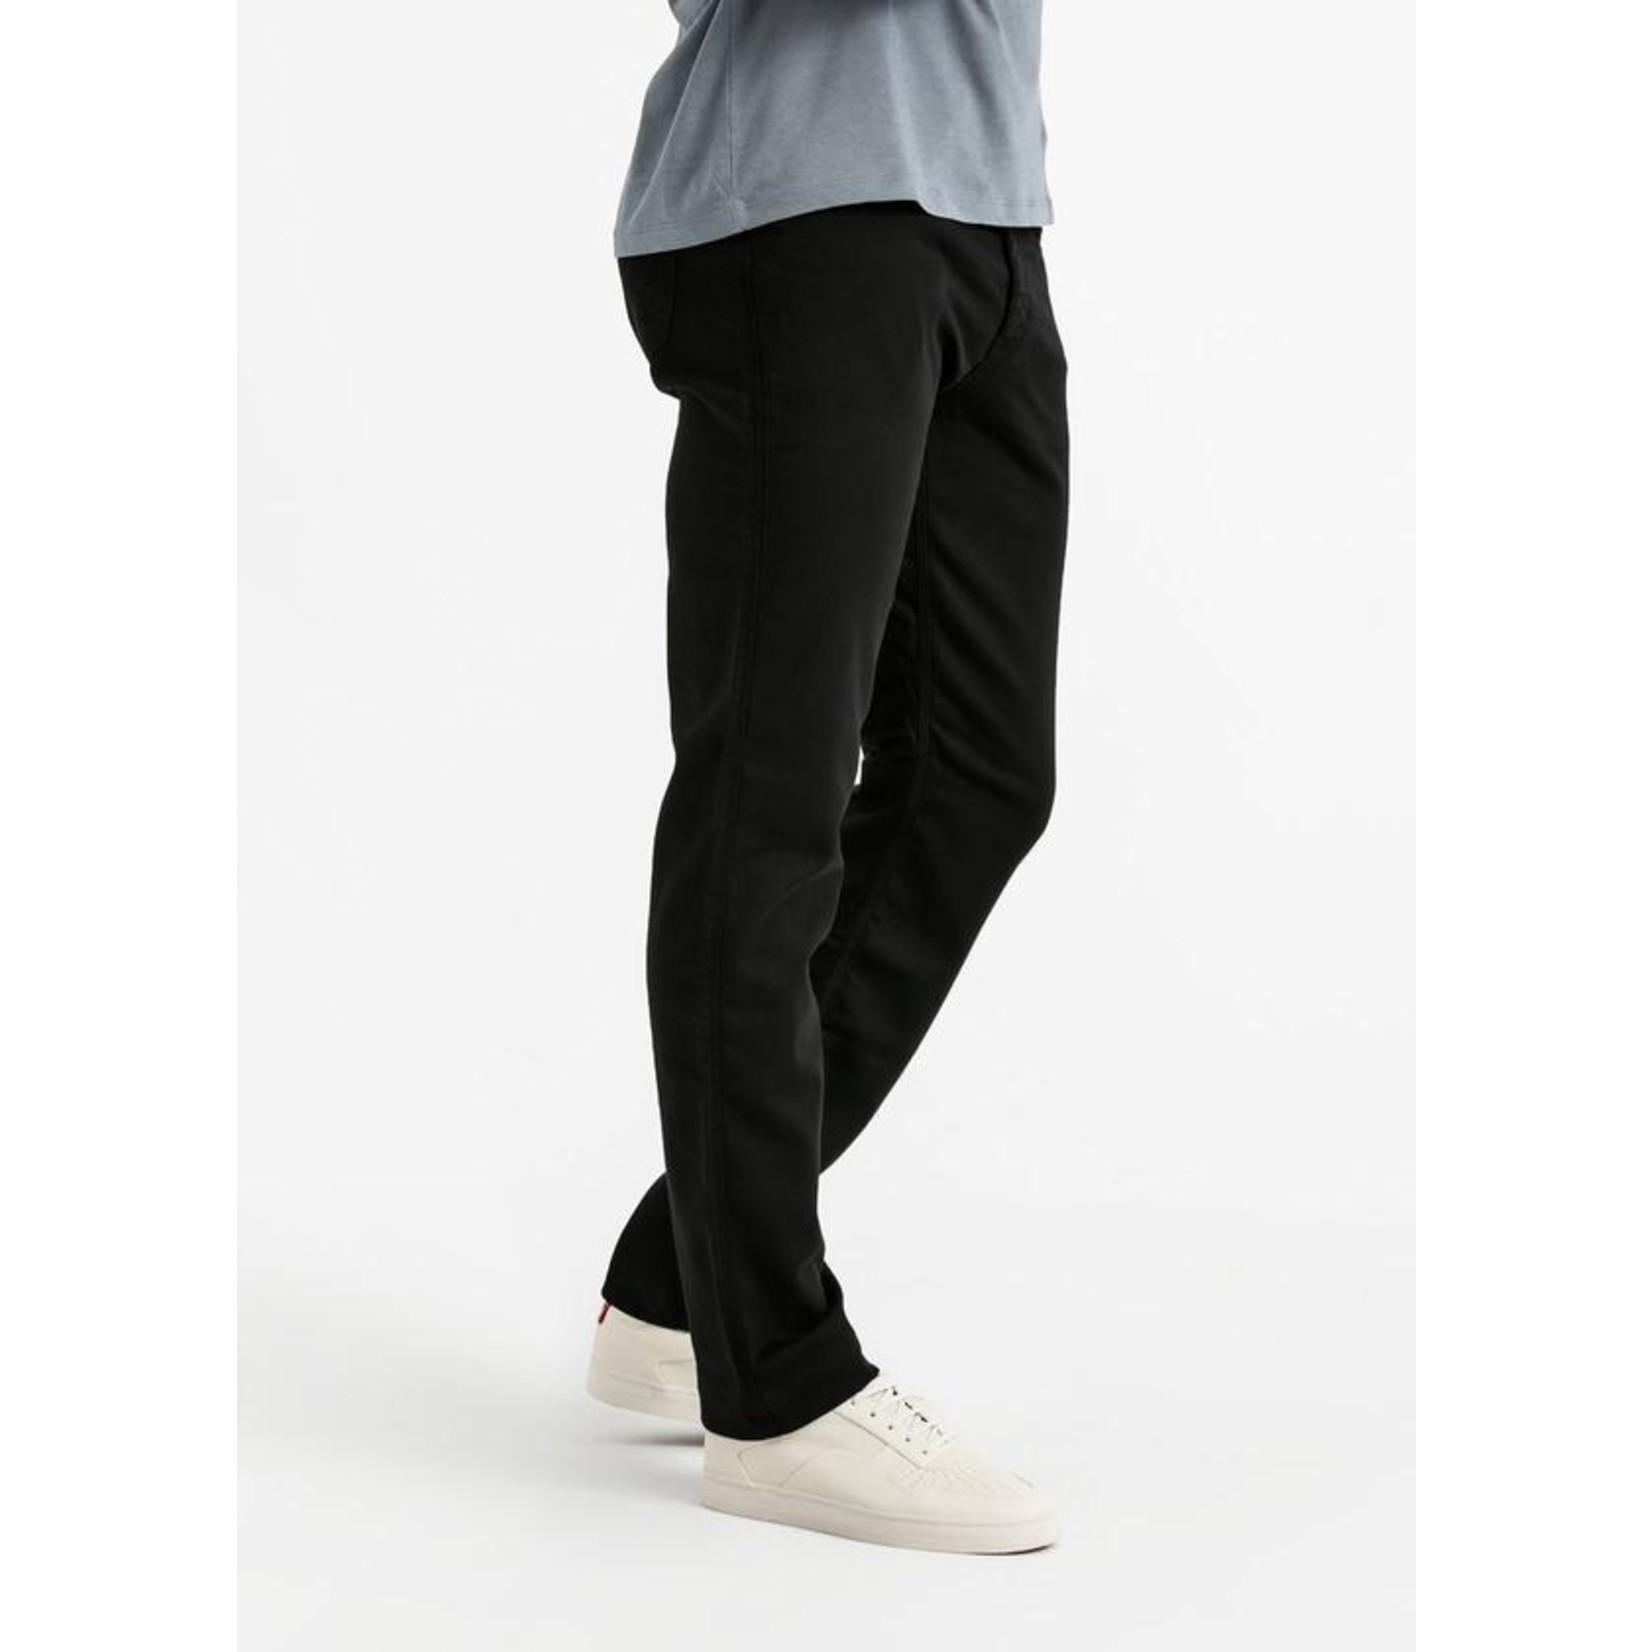 DU/ER DU/ER MFNR1002 Relaxed Fit No Sweat Pant - Black